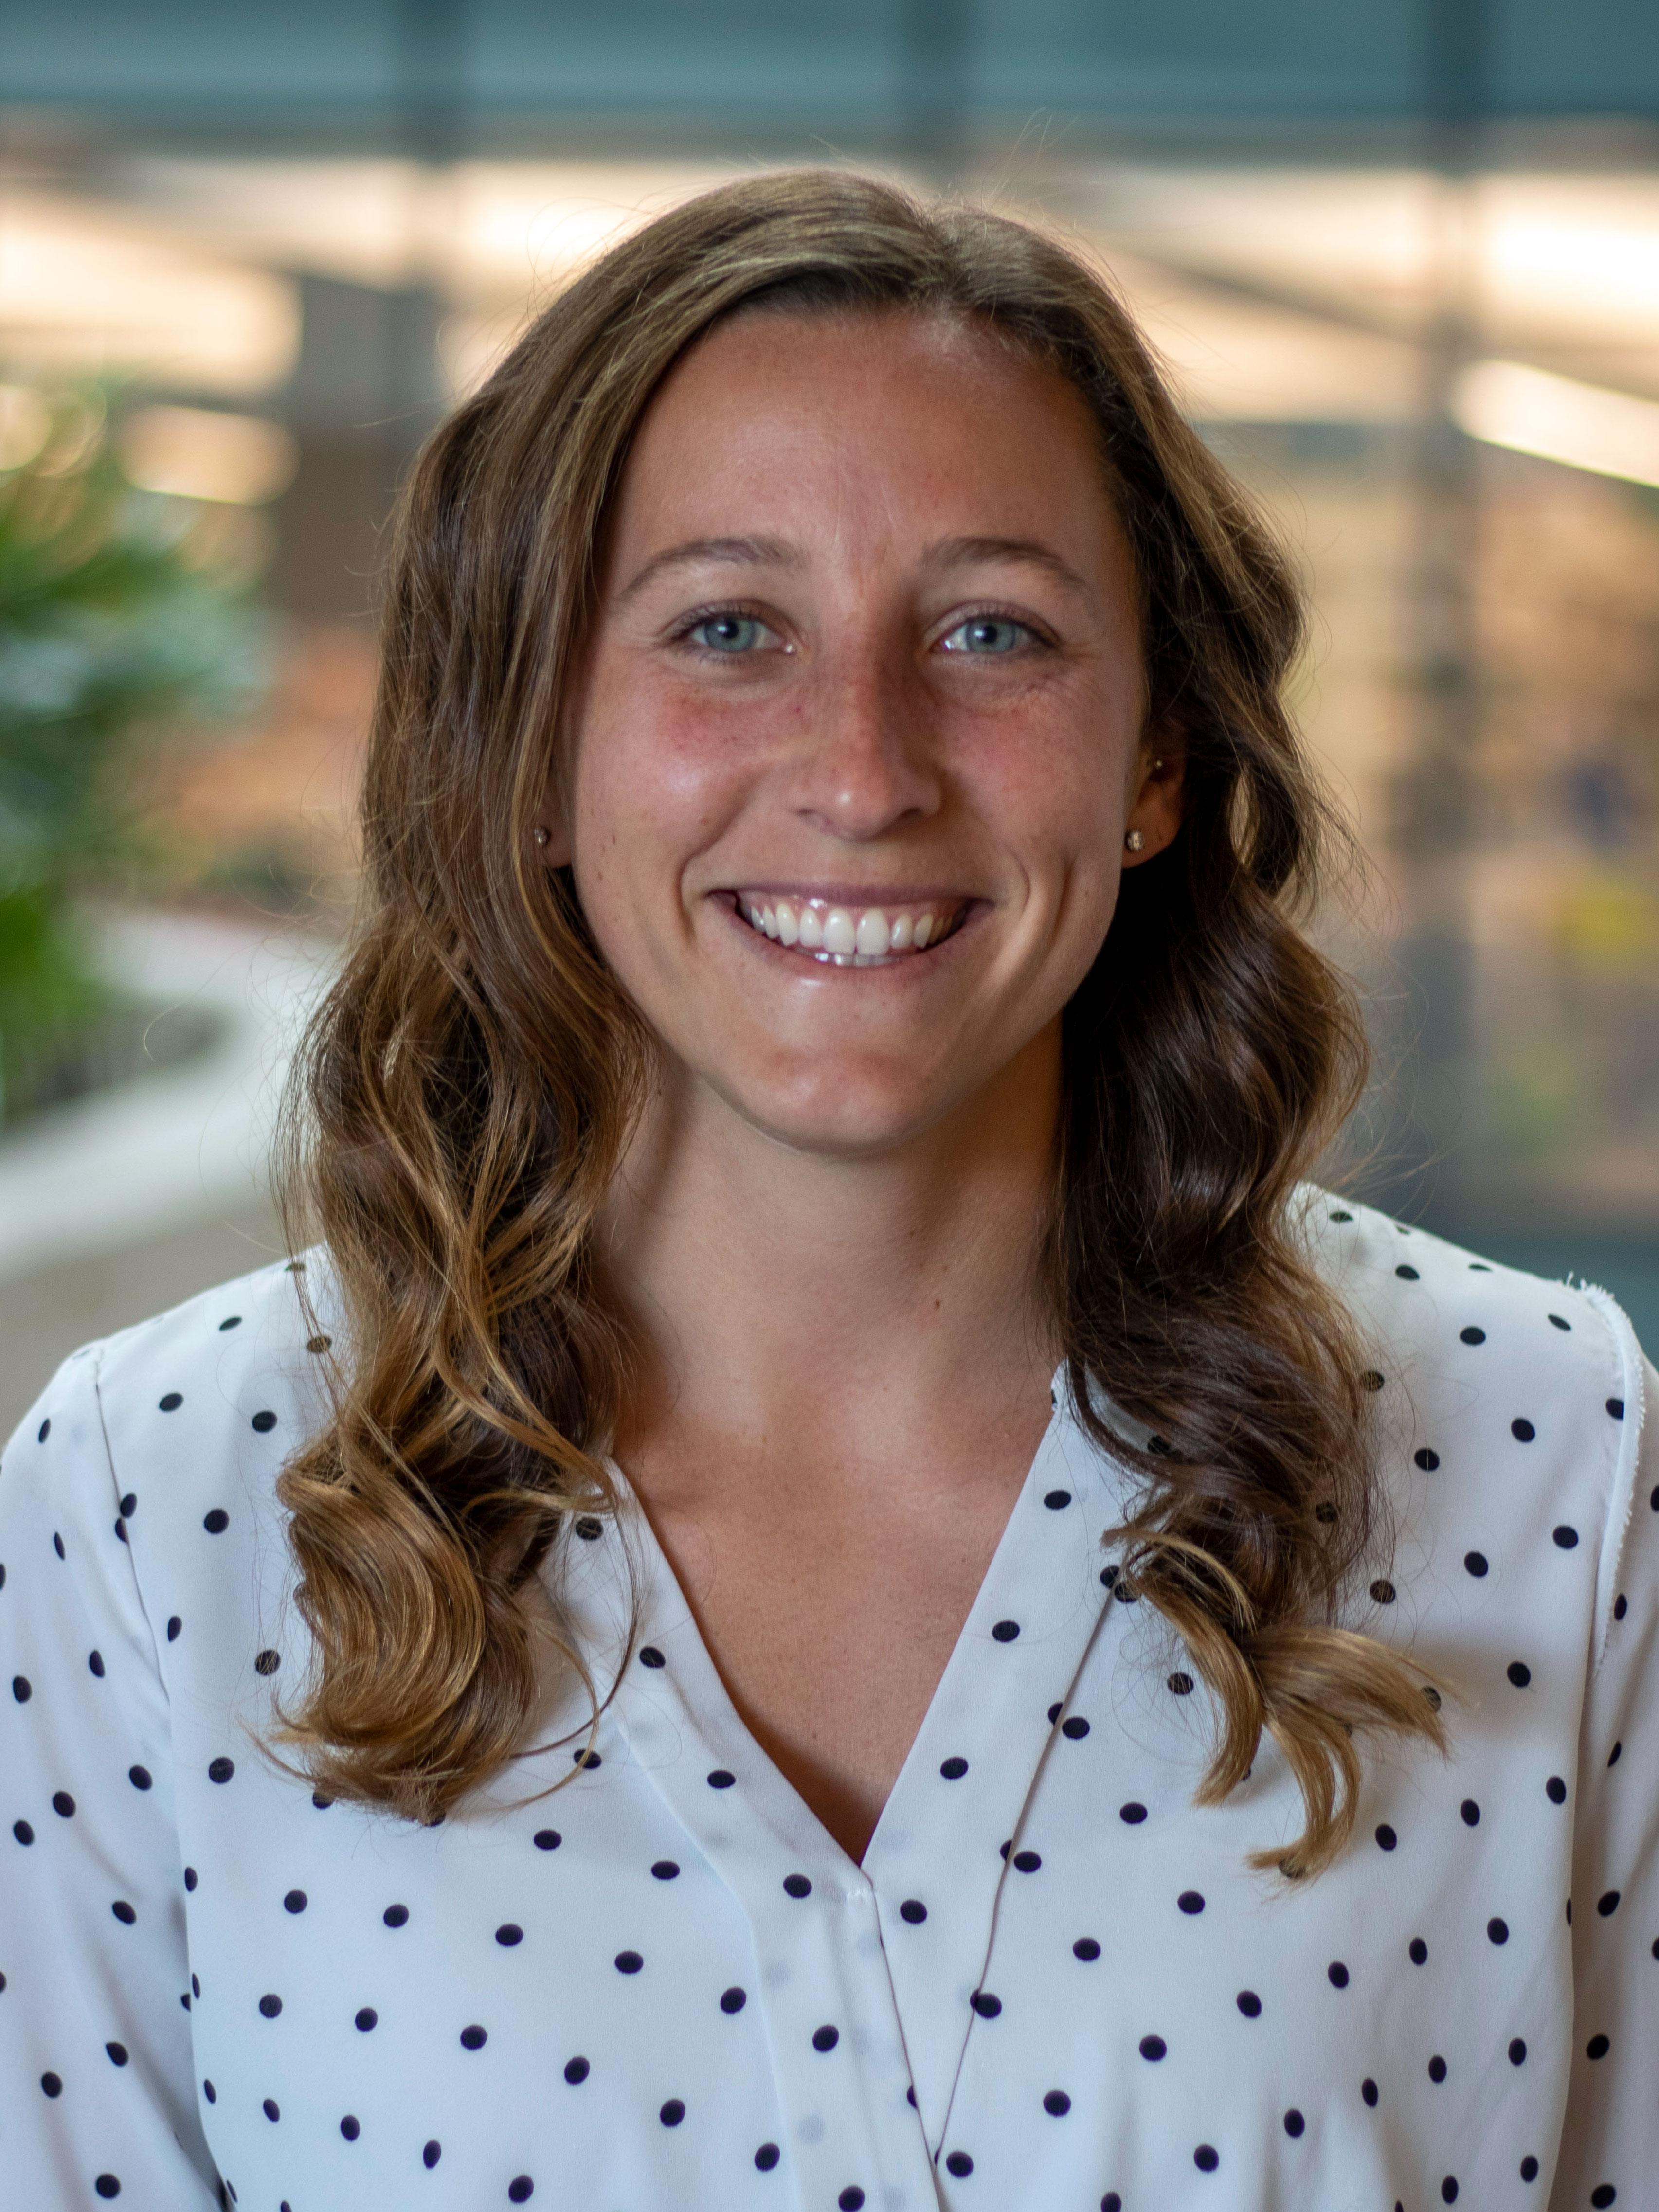 Danielle Freshnock